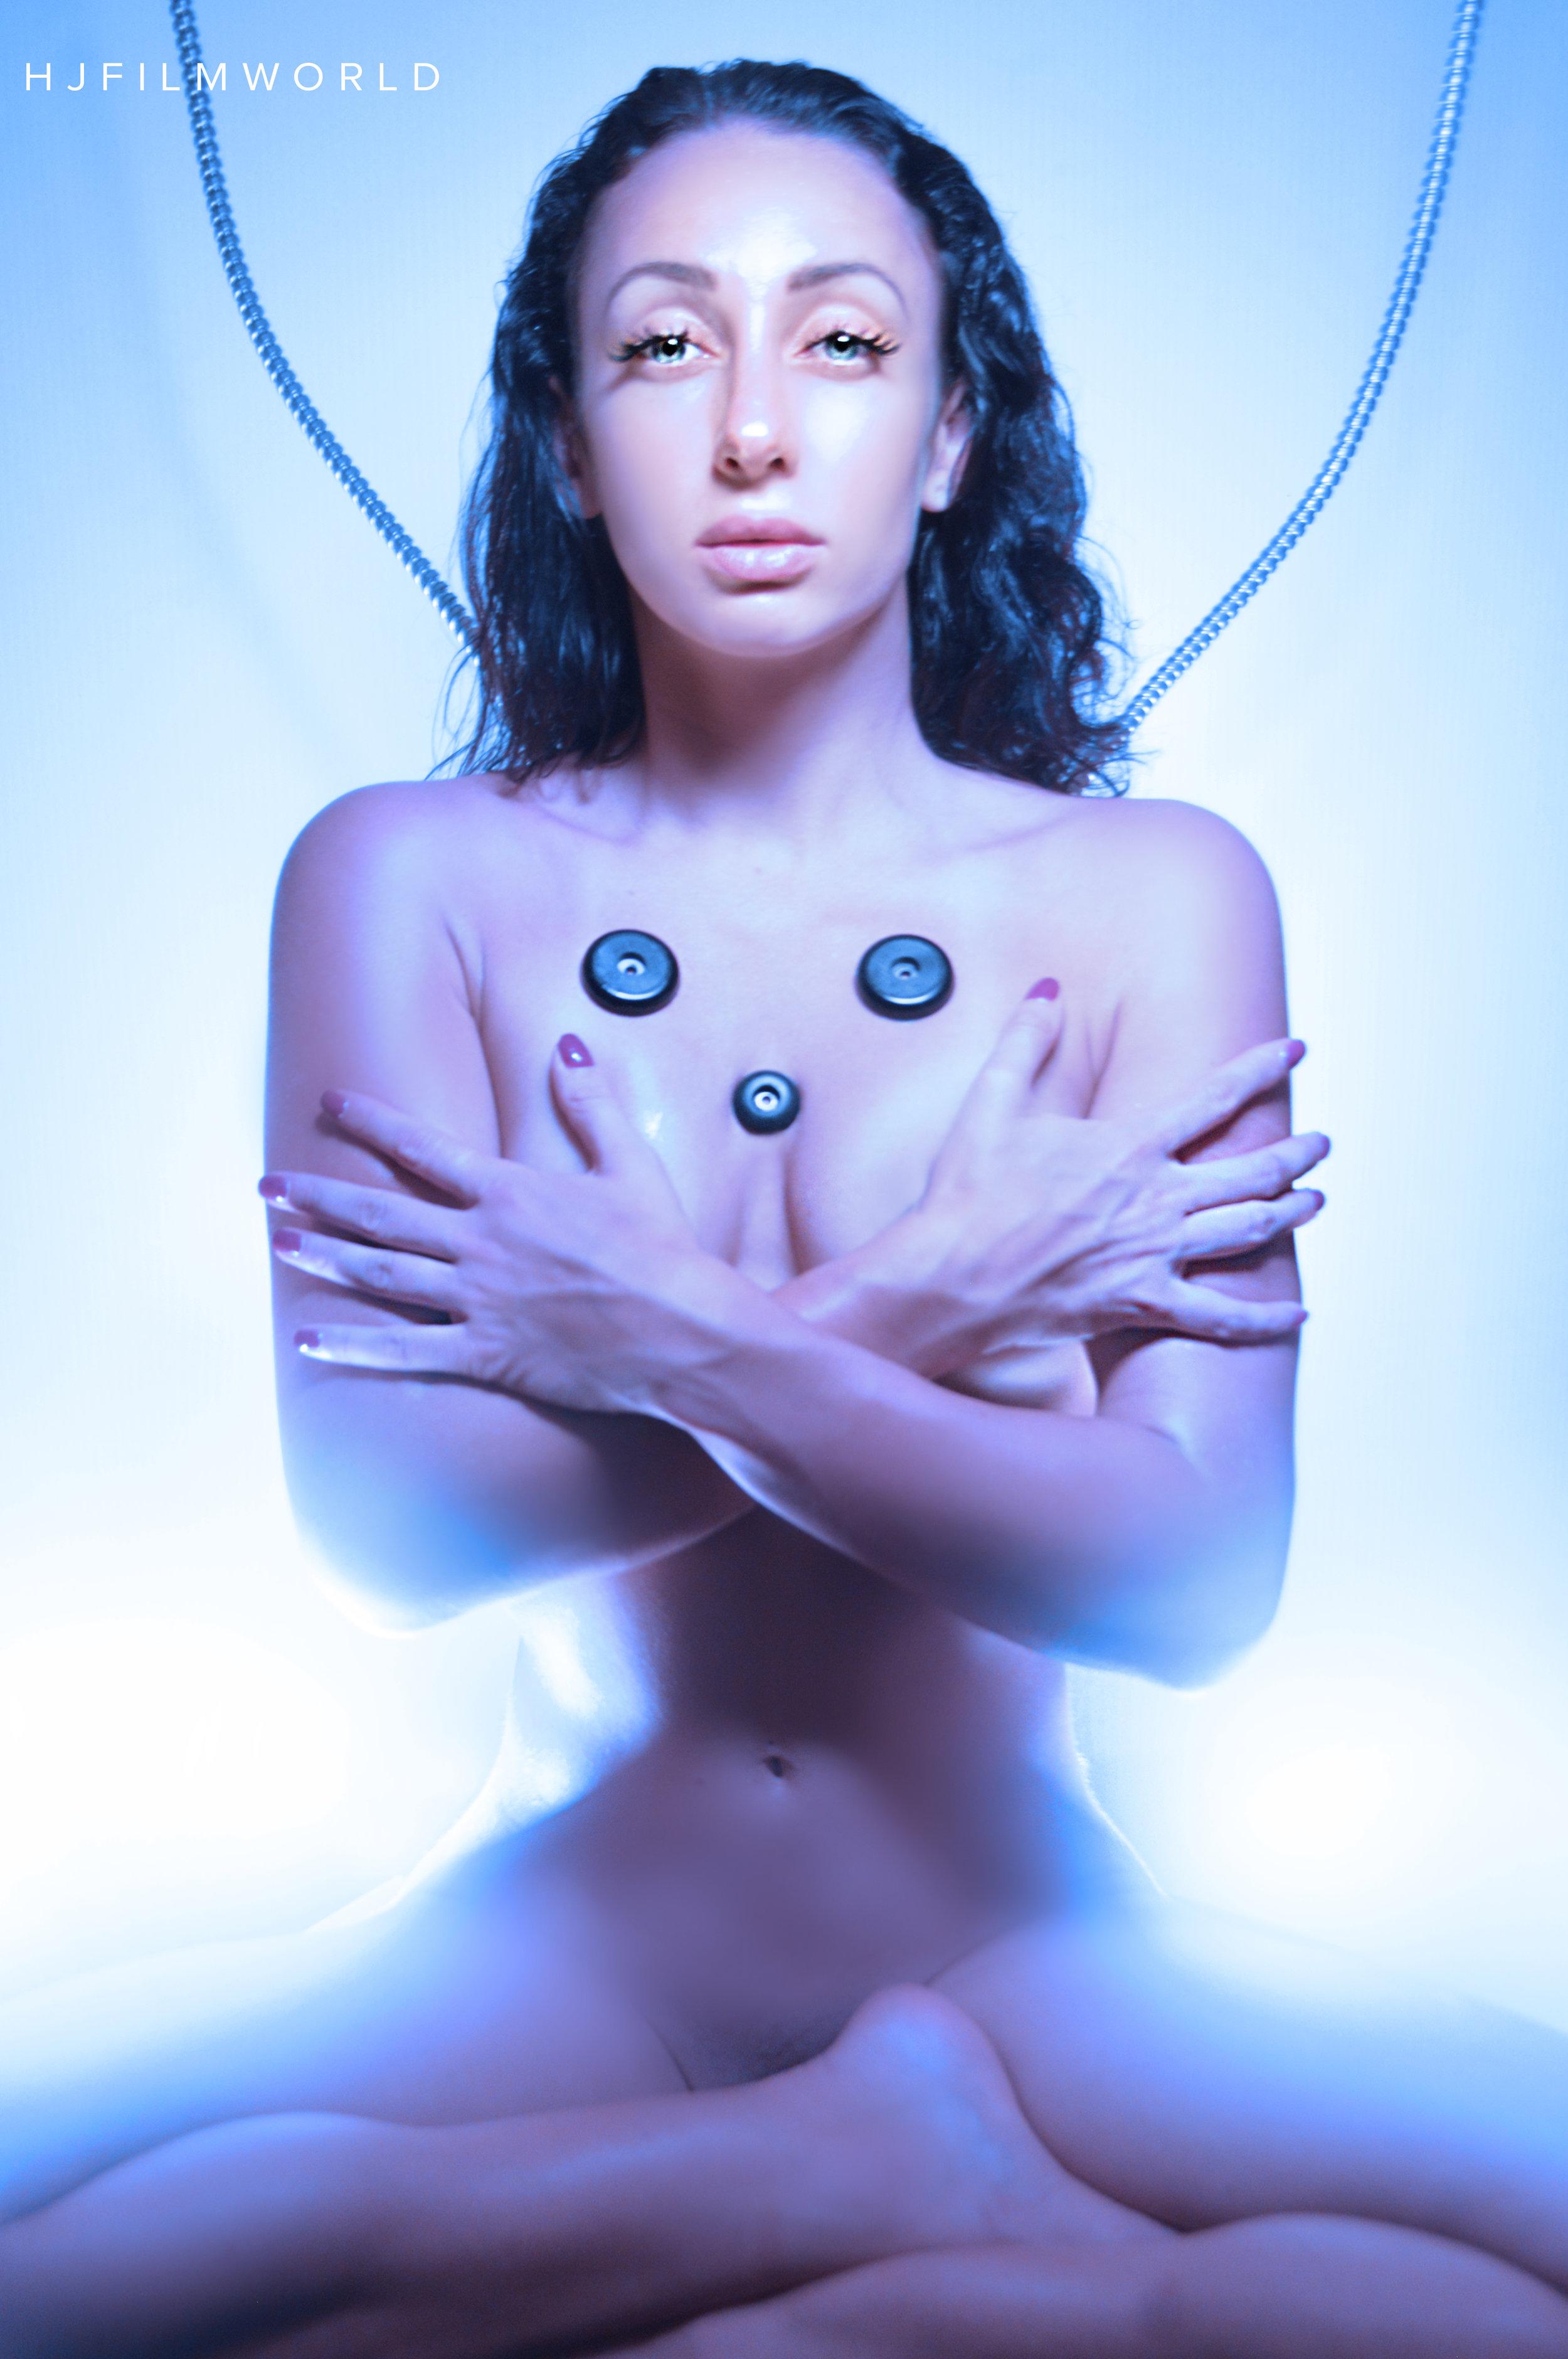 Model: Kseniya